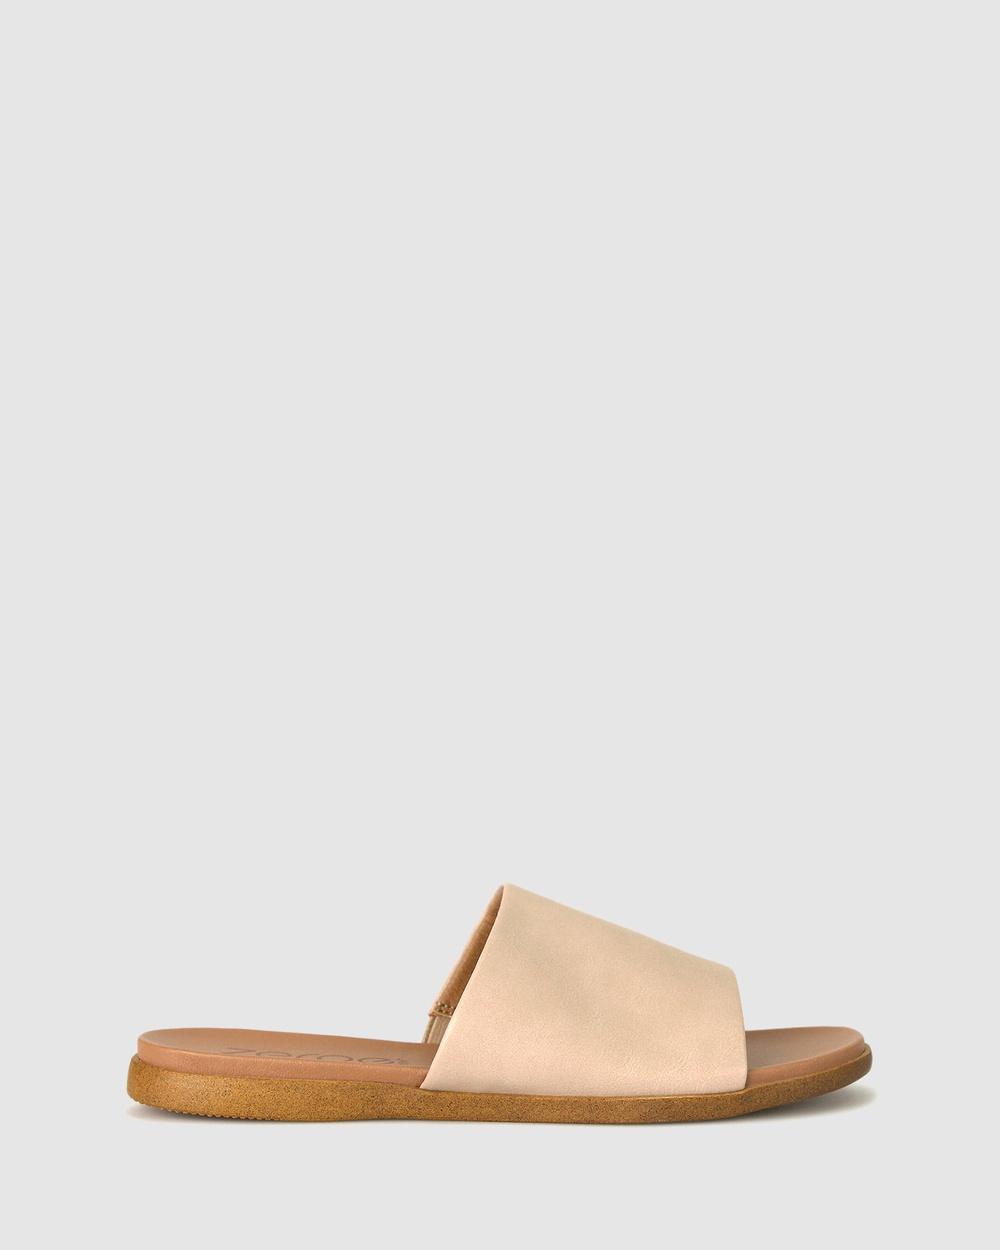 Zeroe Sofia Flat Mule Sandals Flats Latte